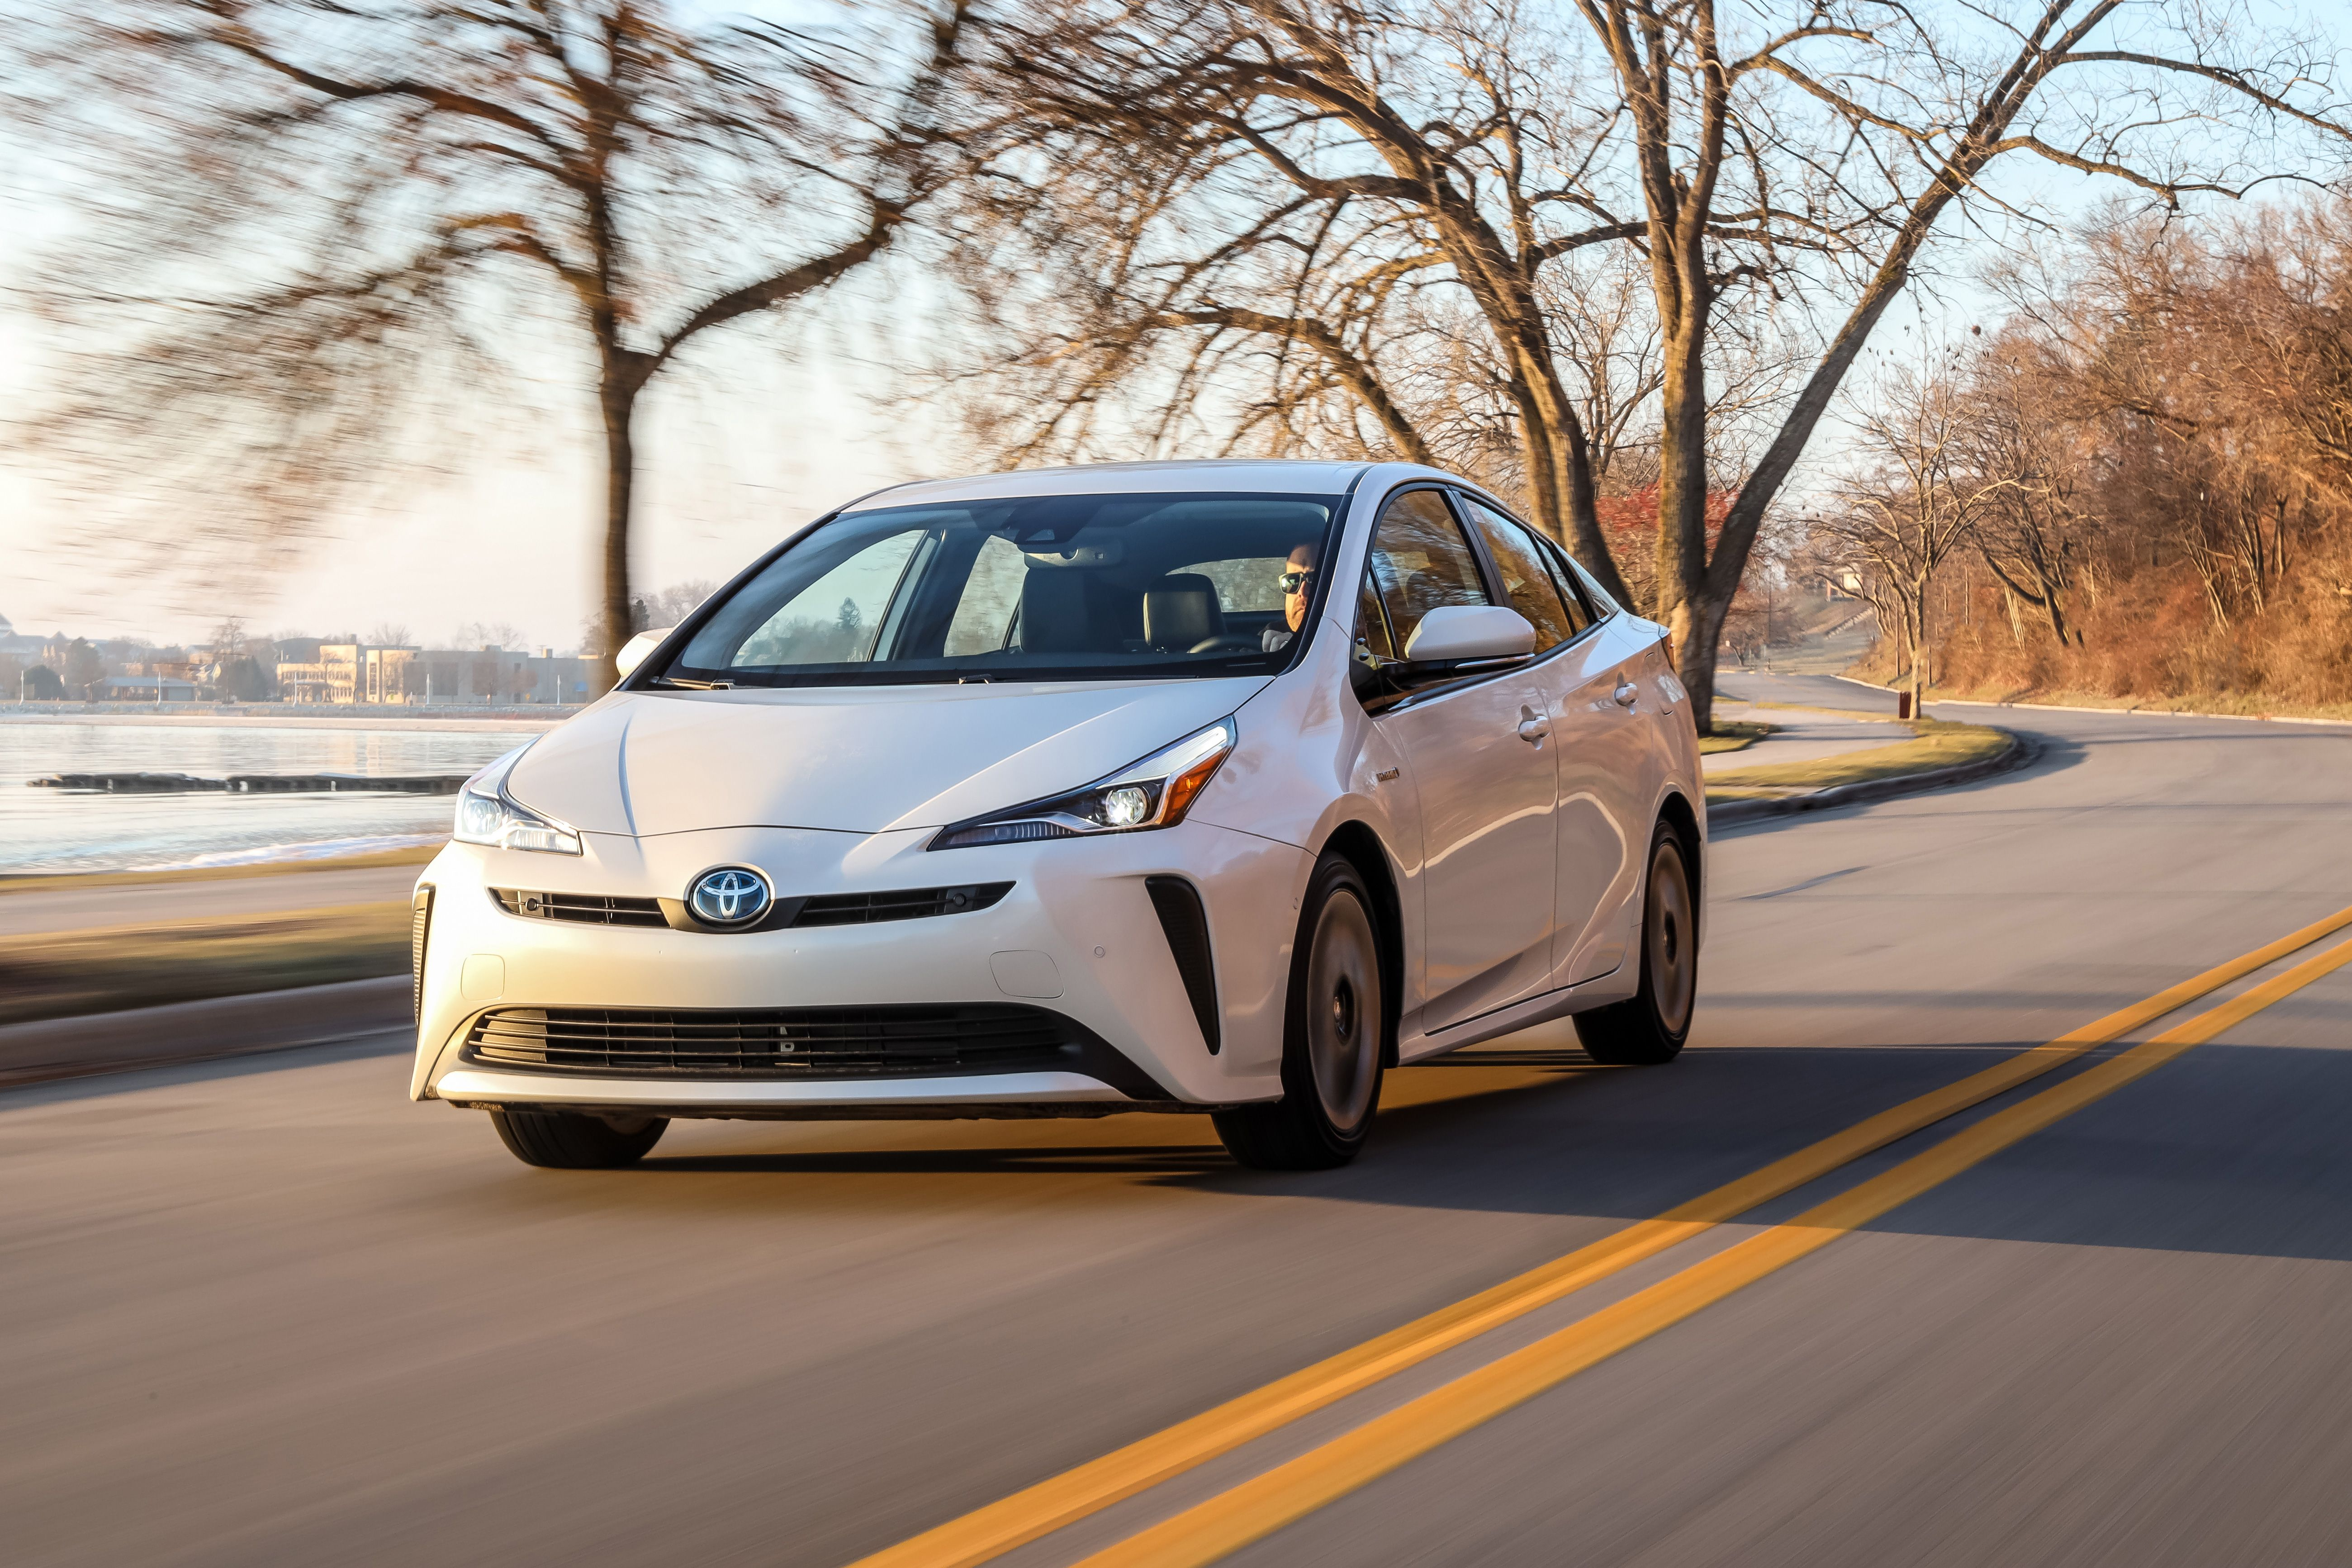 2020 Toyota Prius Pricing